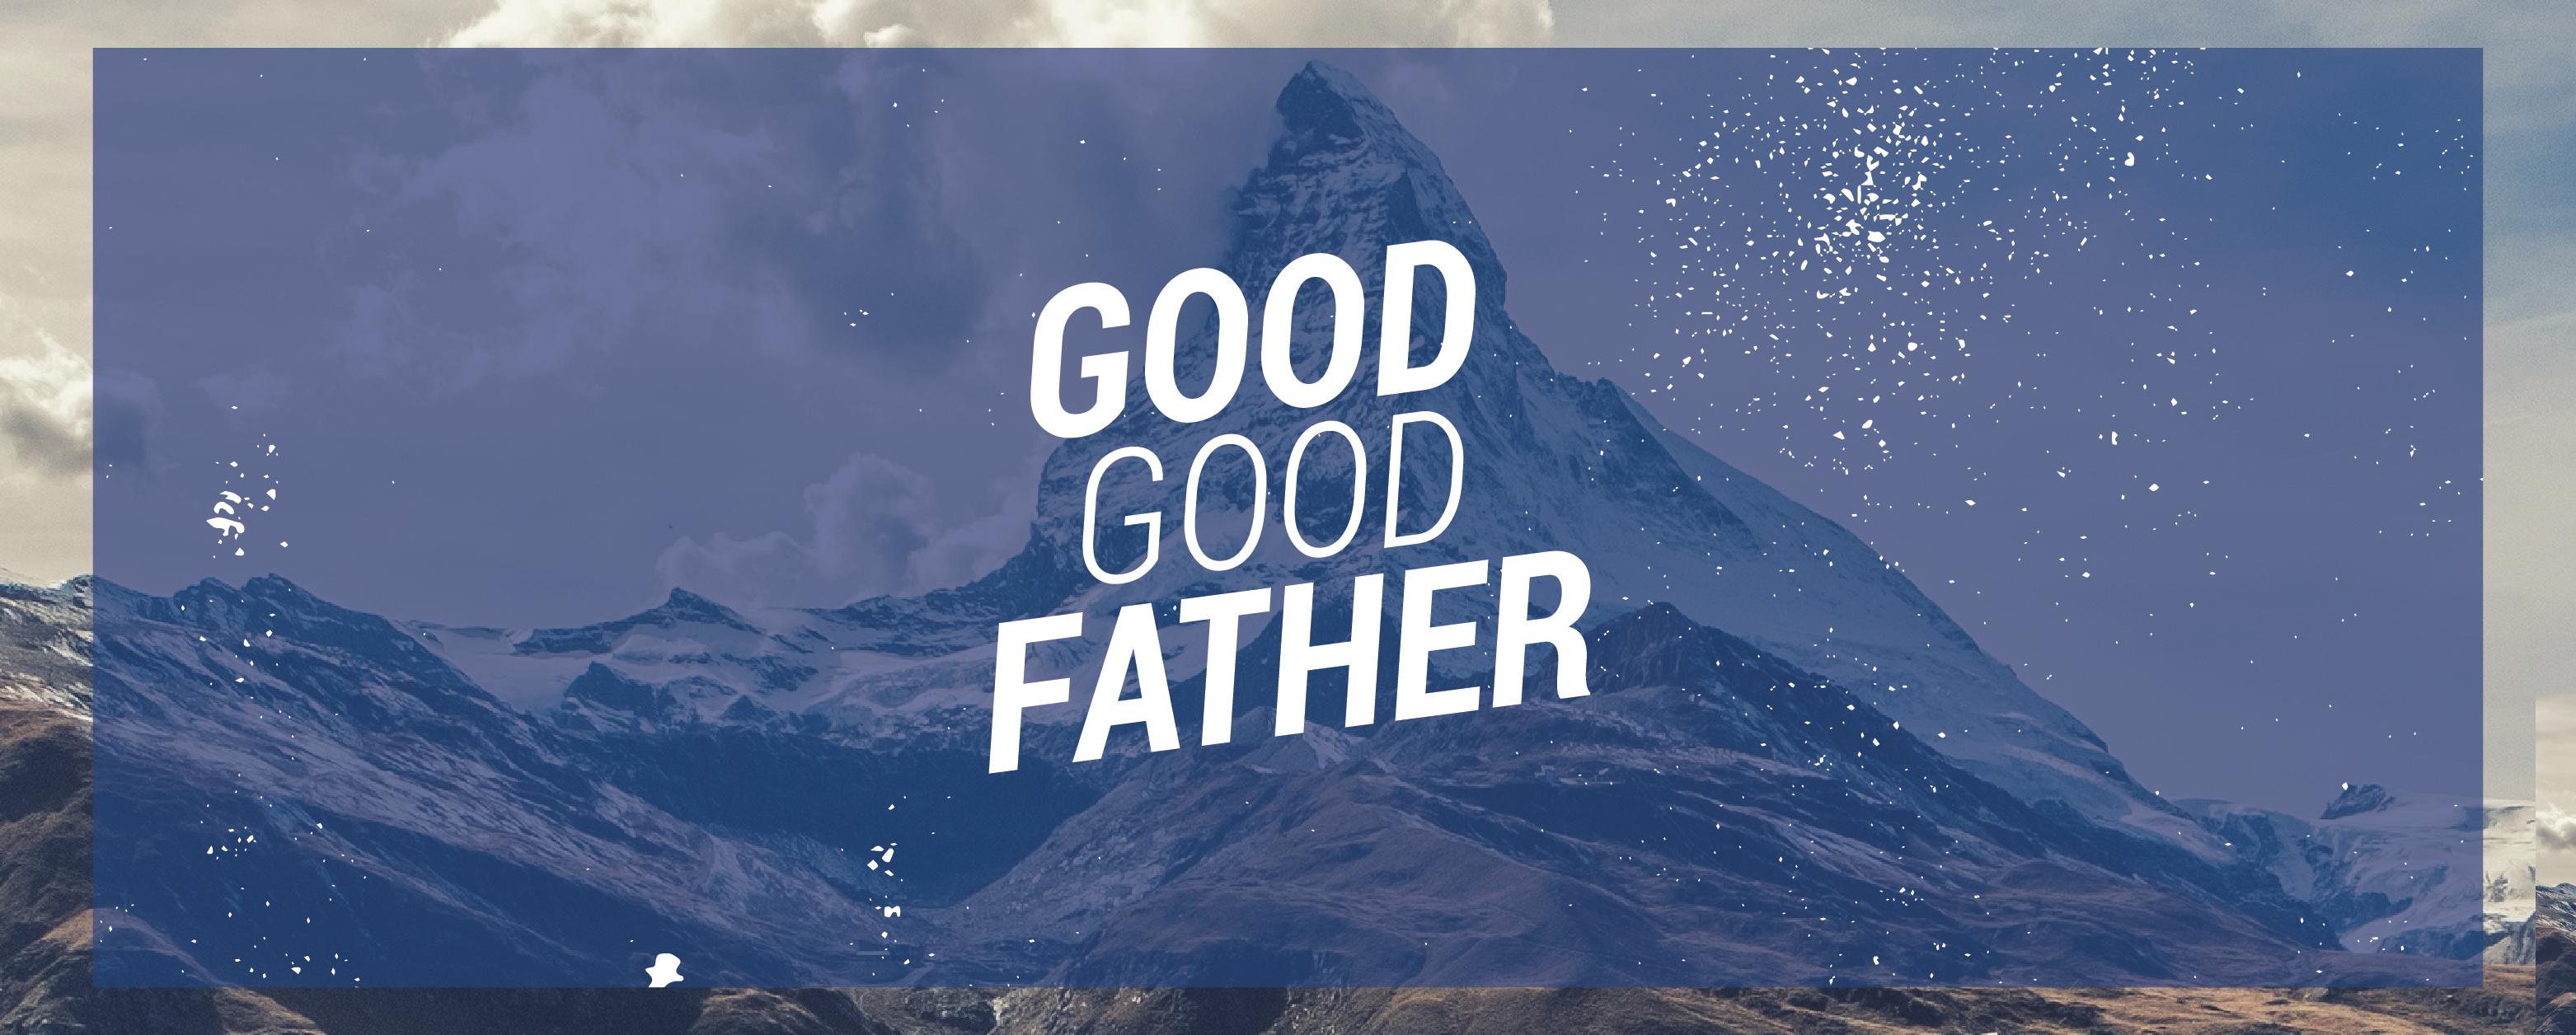 good good father � church sermon series ideas